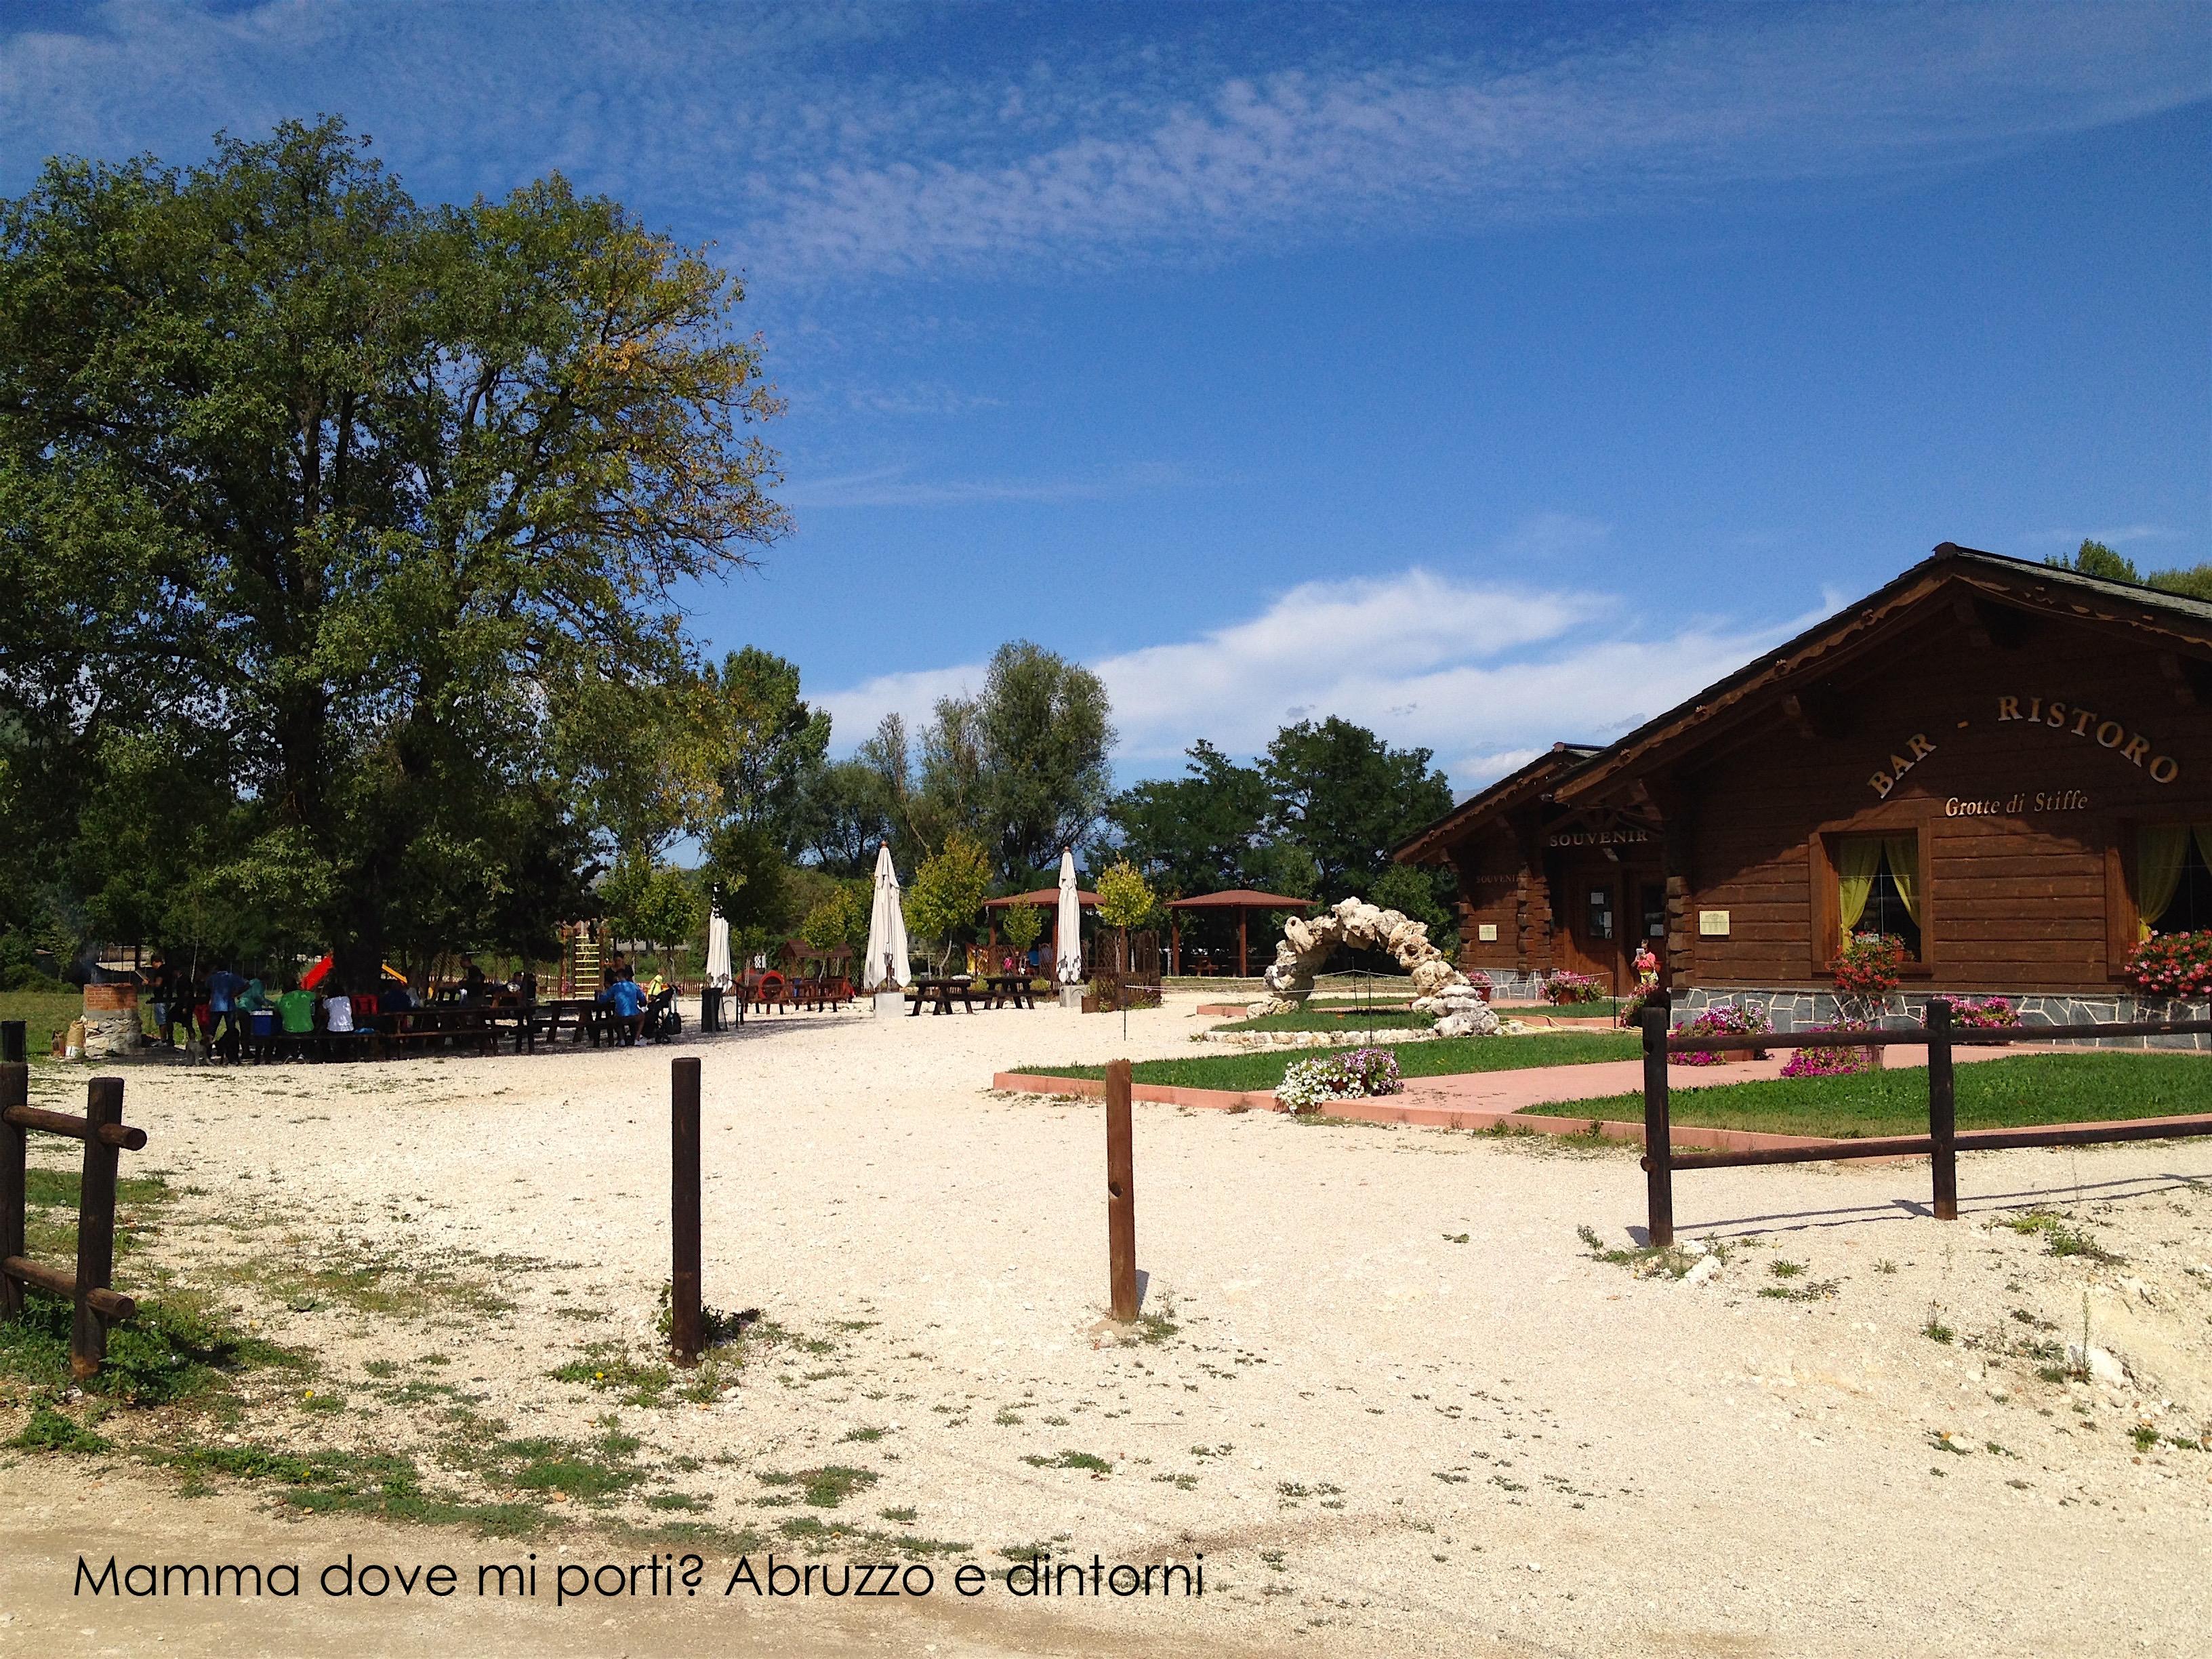 Grotte di Stiffe - Biglietteria e area barbecue - San Demetrio ne' Vestini (AQ)